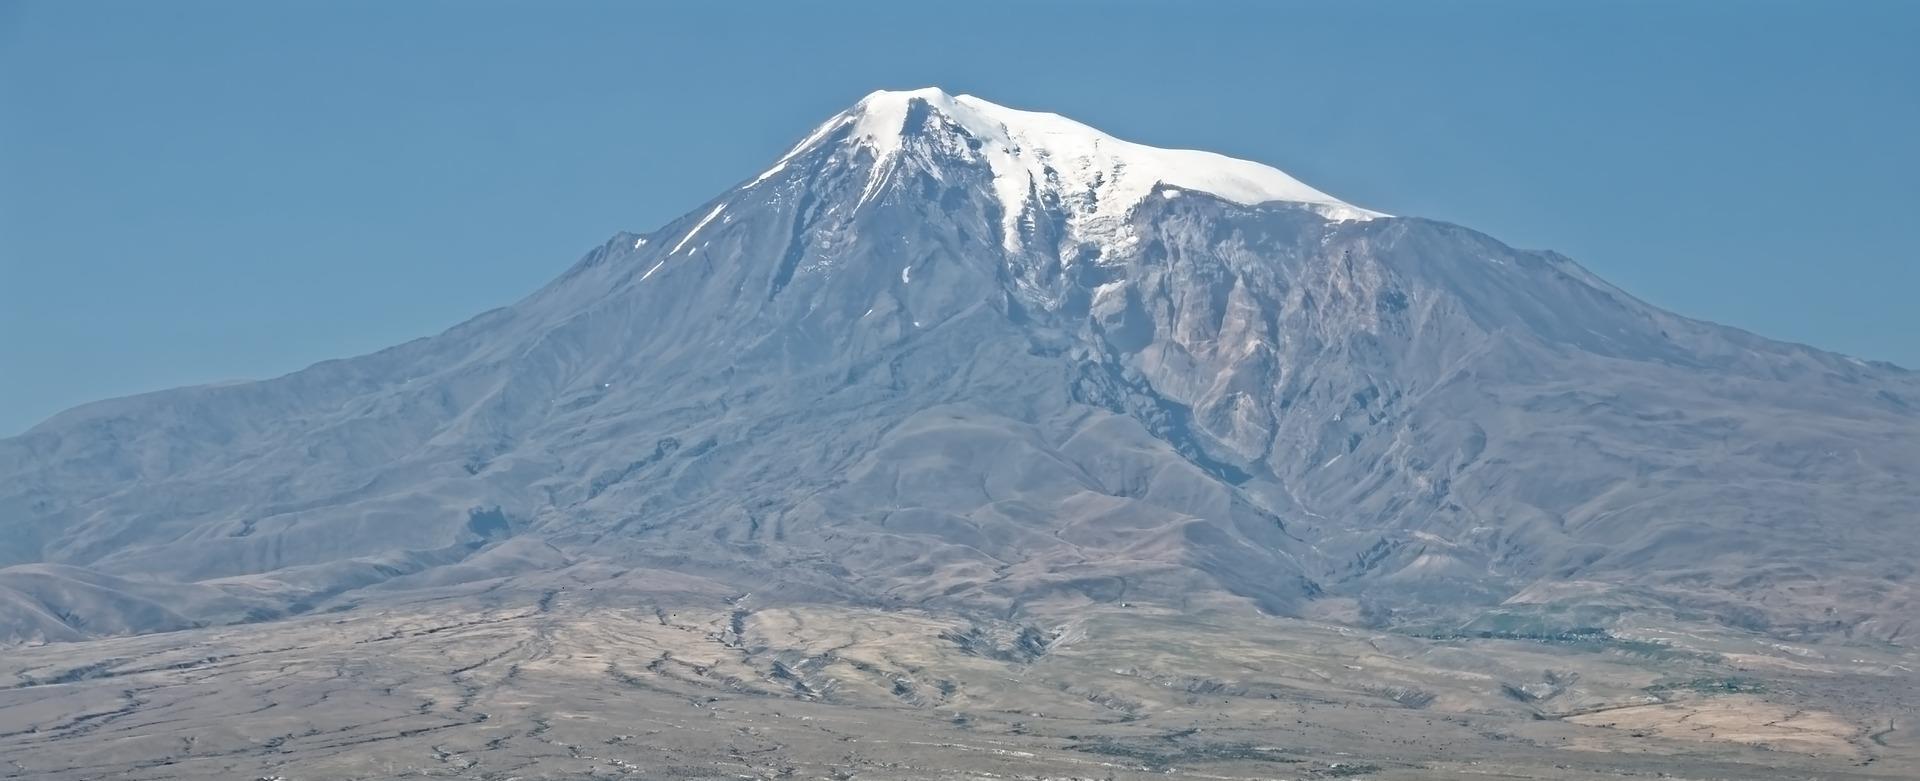 טיול מאורגן לארמניה | 5 ימים | 4 לילות